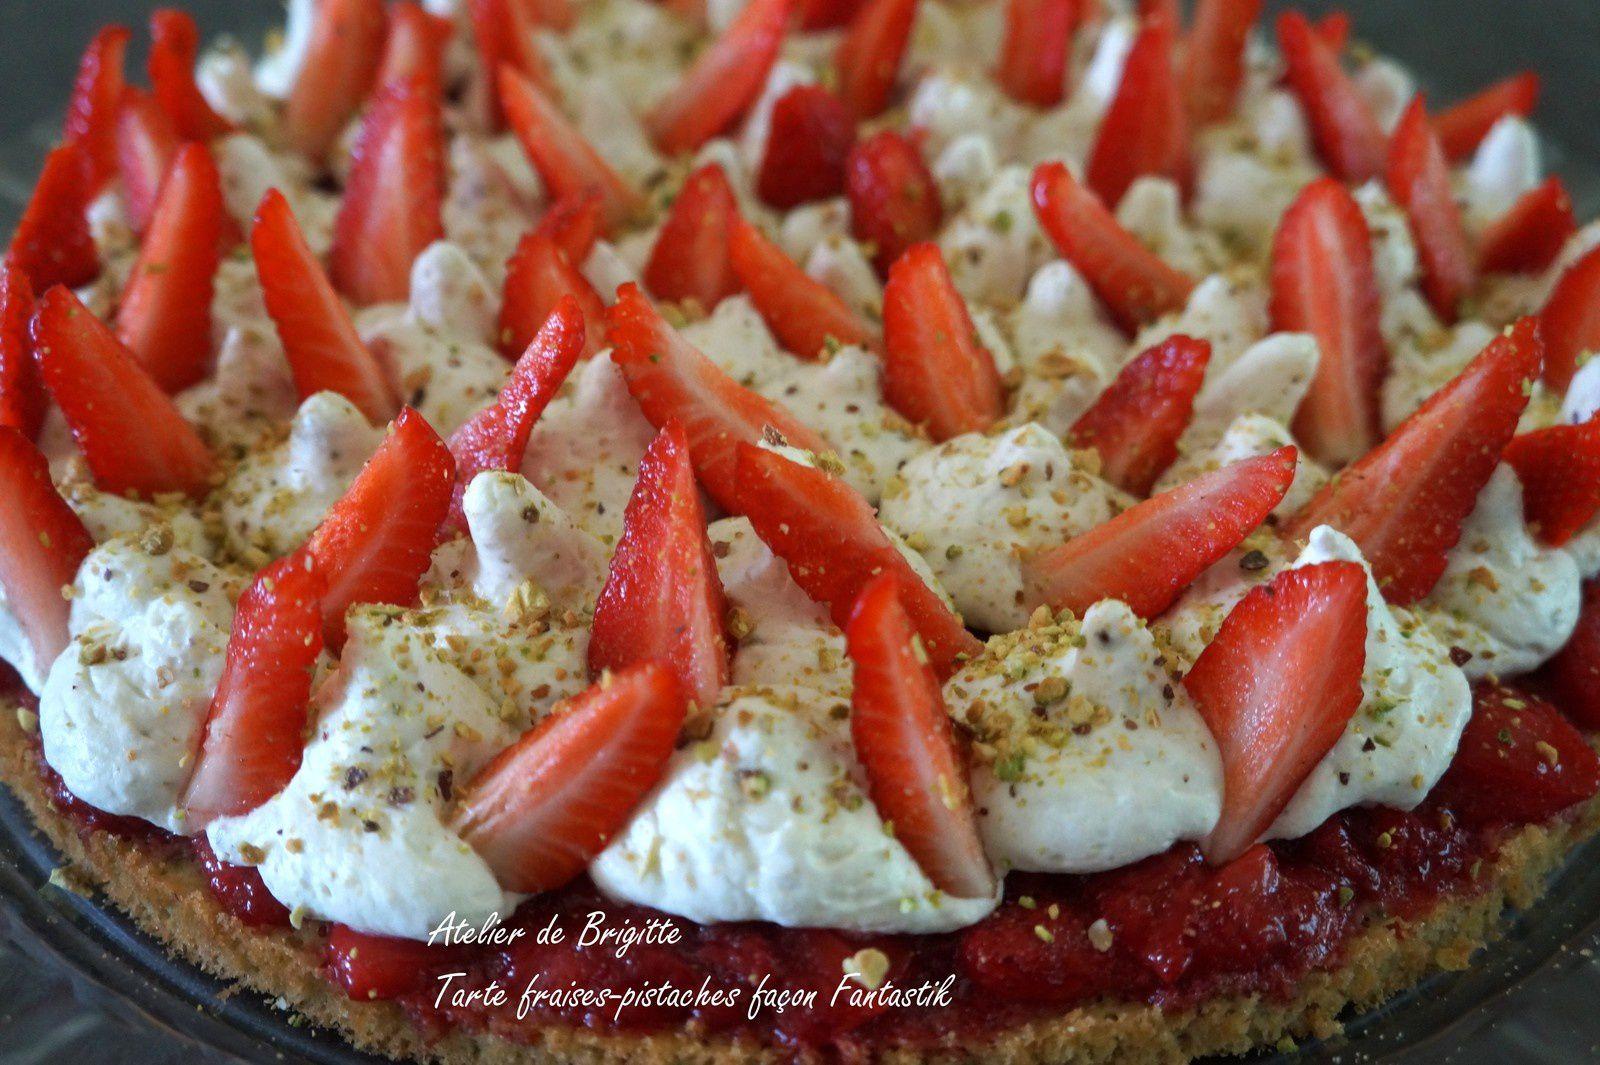 Tarte fraises-pistaches façon Fantastik